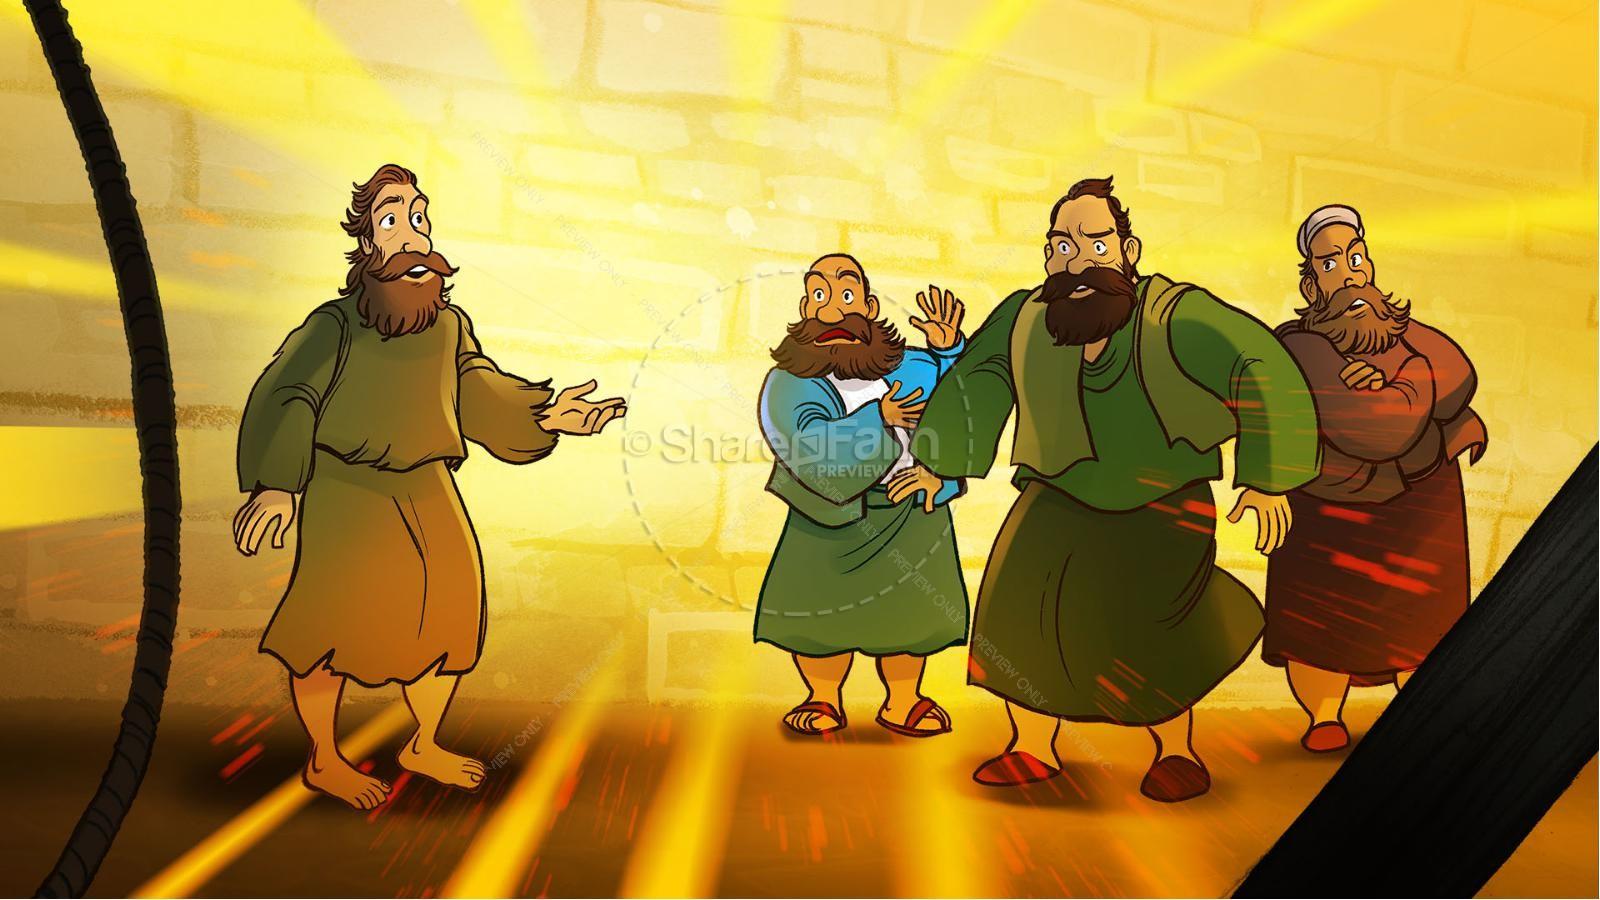 John 9 The Man Born Blind Kids Bible Story | slide 4